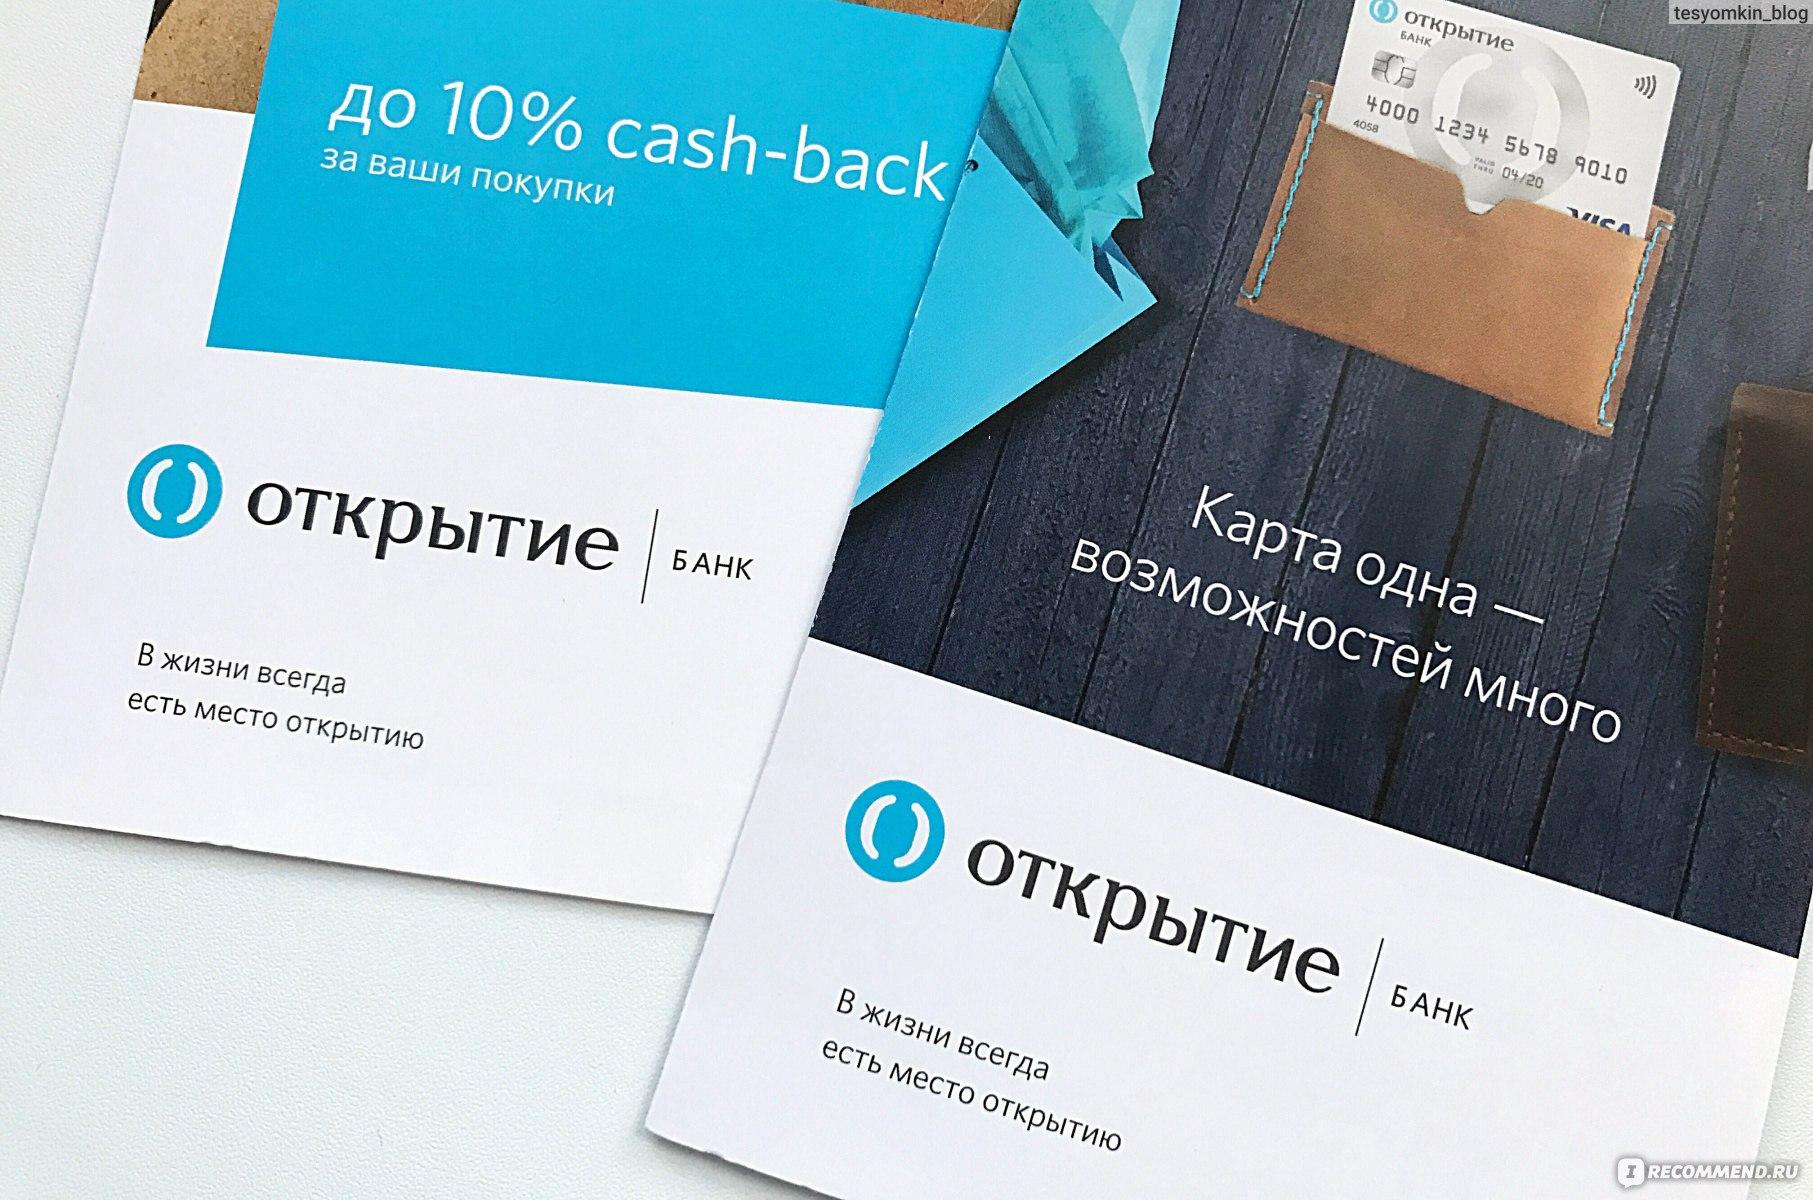 Кто брал кредит в банке открытие отзывы